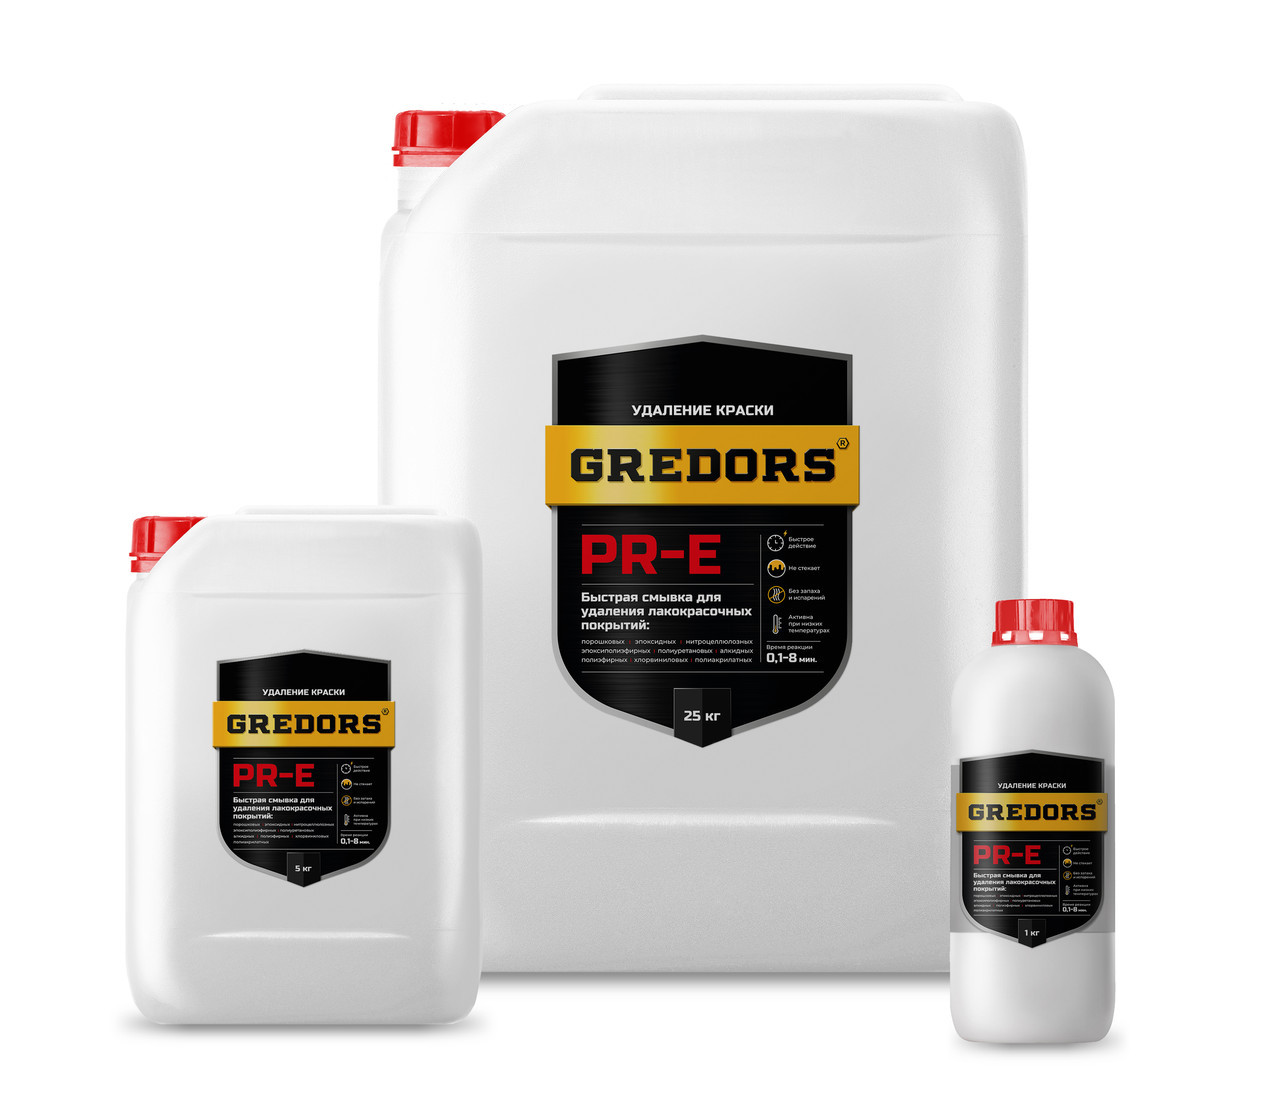 GREDORS PR–E – быстрая смывка для удаления старых лакокрасочных покрытий